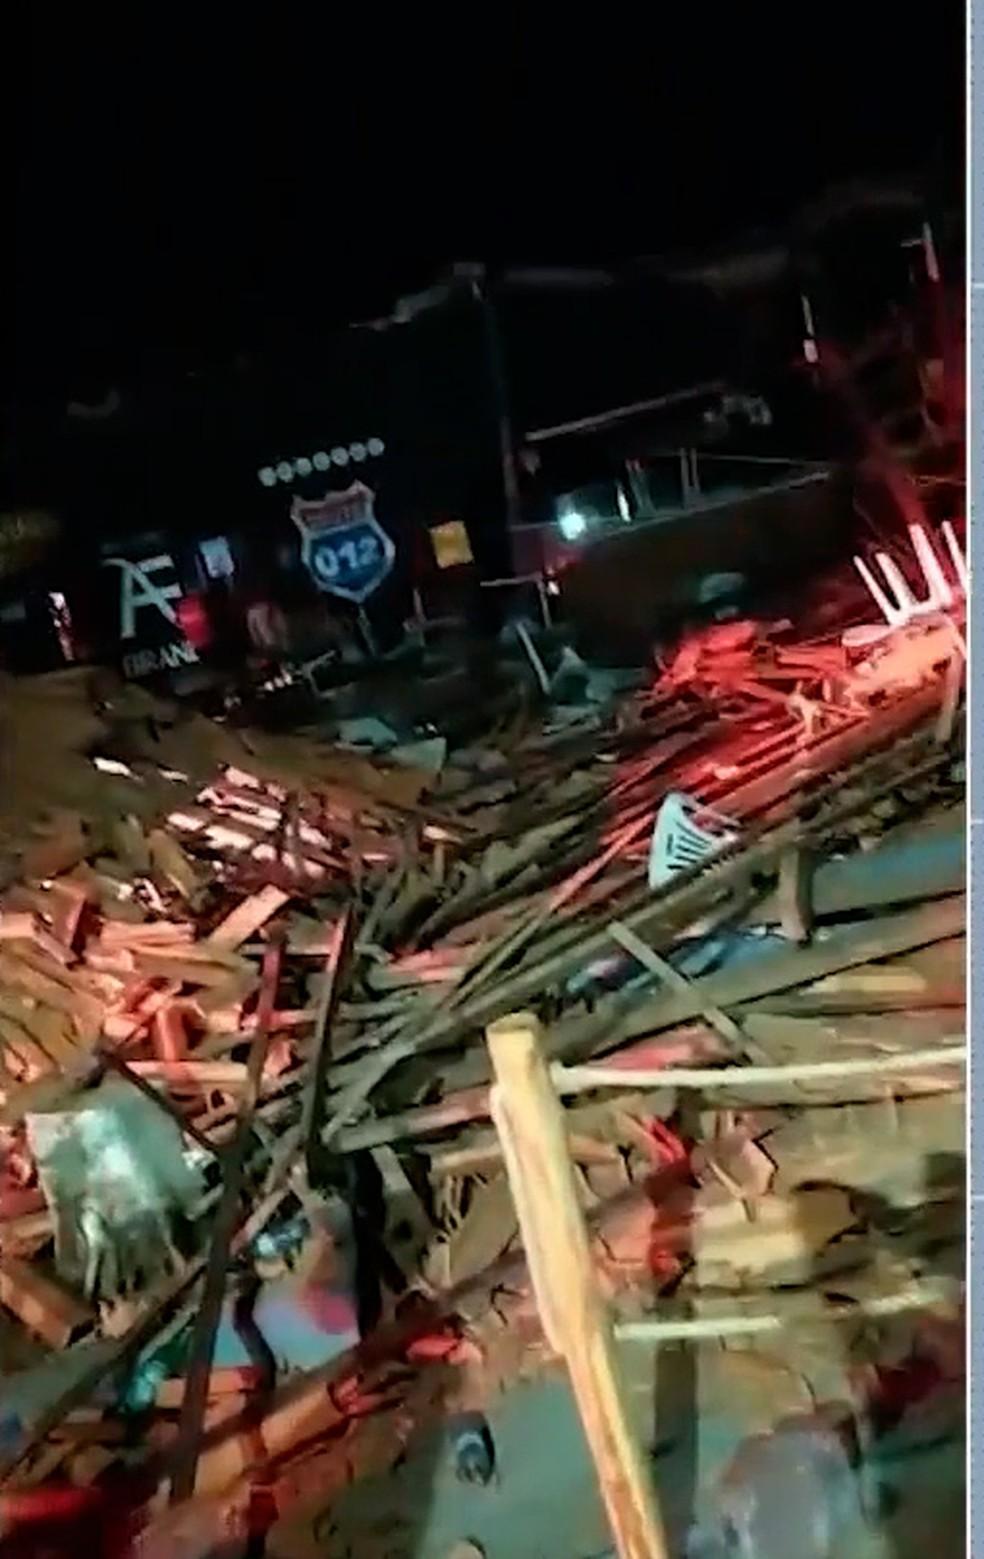 Teto de casa de festa desaba e deixa feridos em Esperantinópolis — Foto: Reprodução/TV Mirante